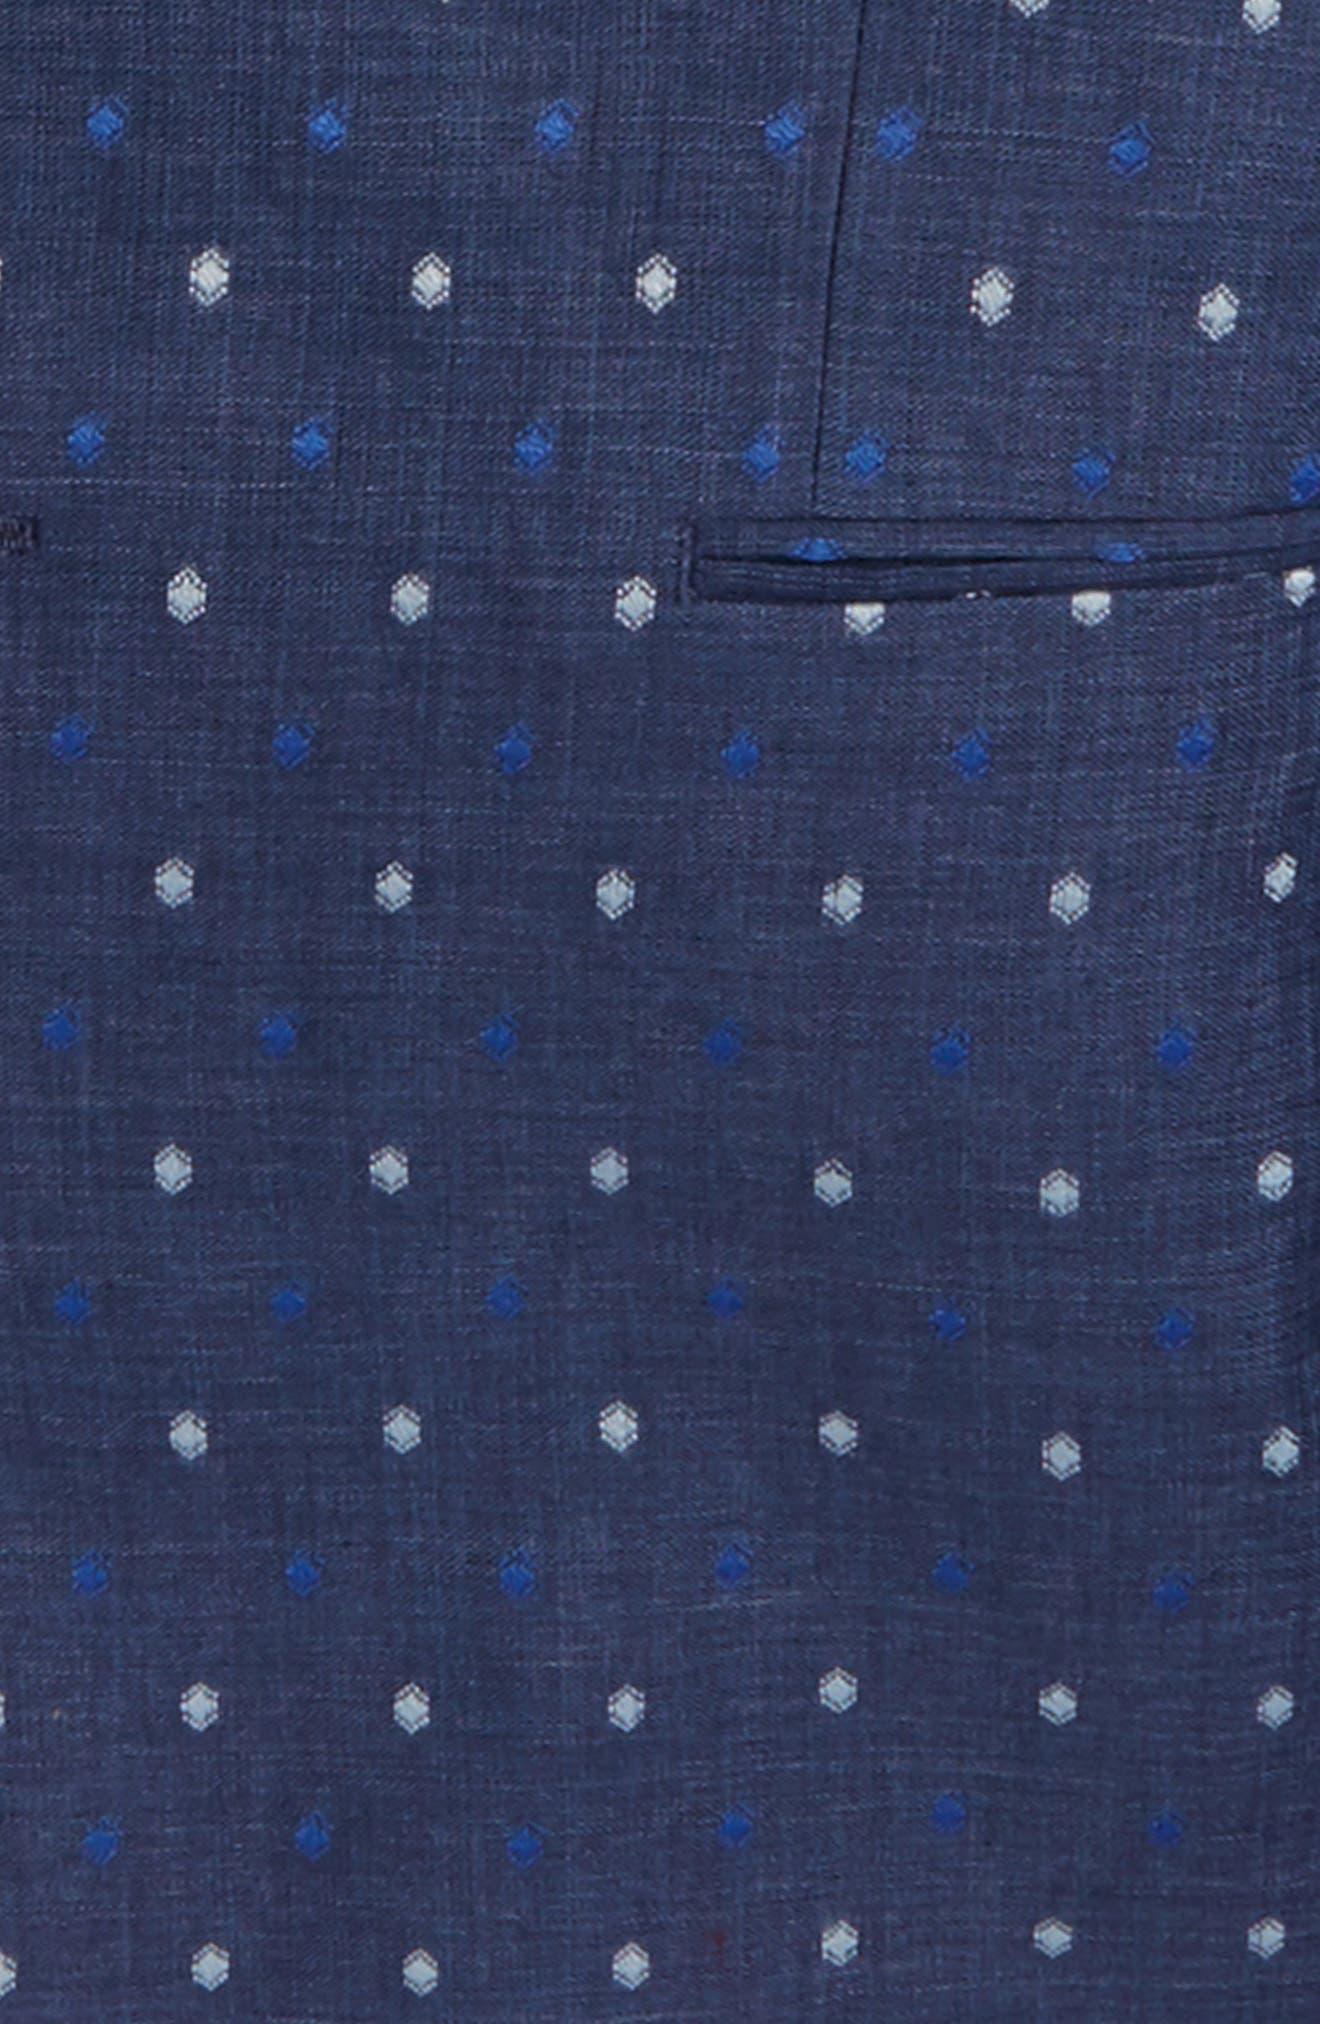 Dot Linen Blazer,                             Alternate thumbnail 2, color,                             Navy/ Blue/ White